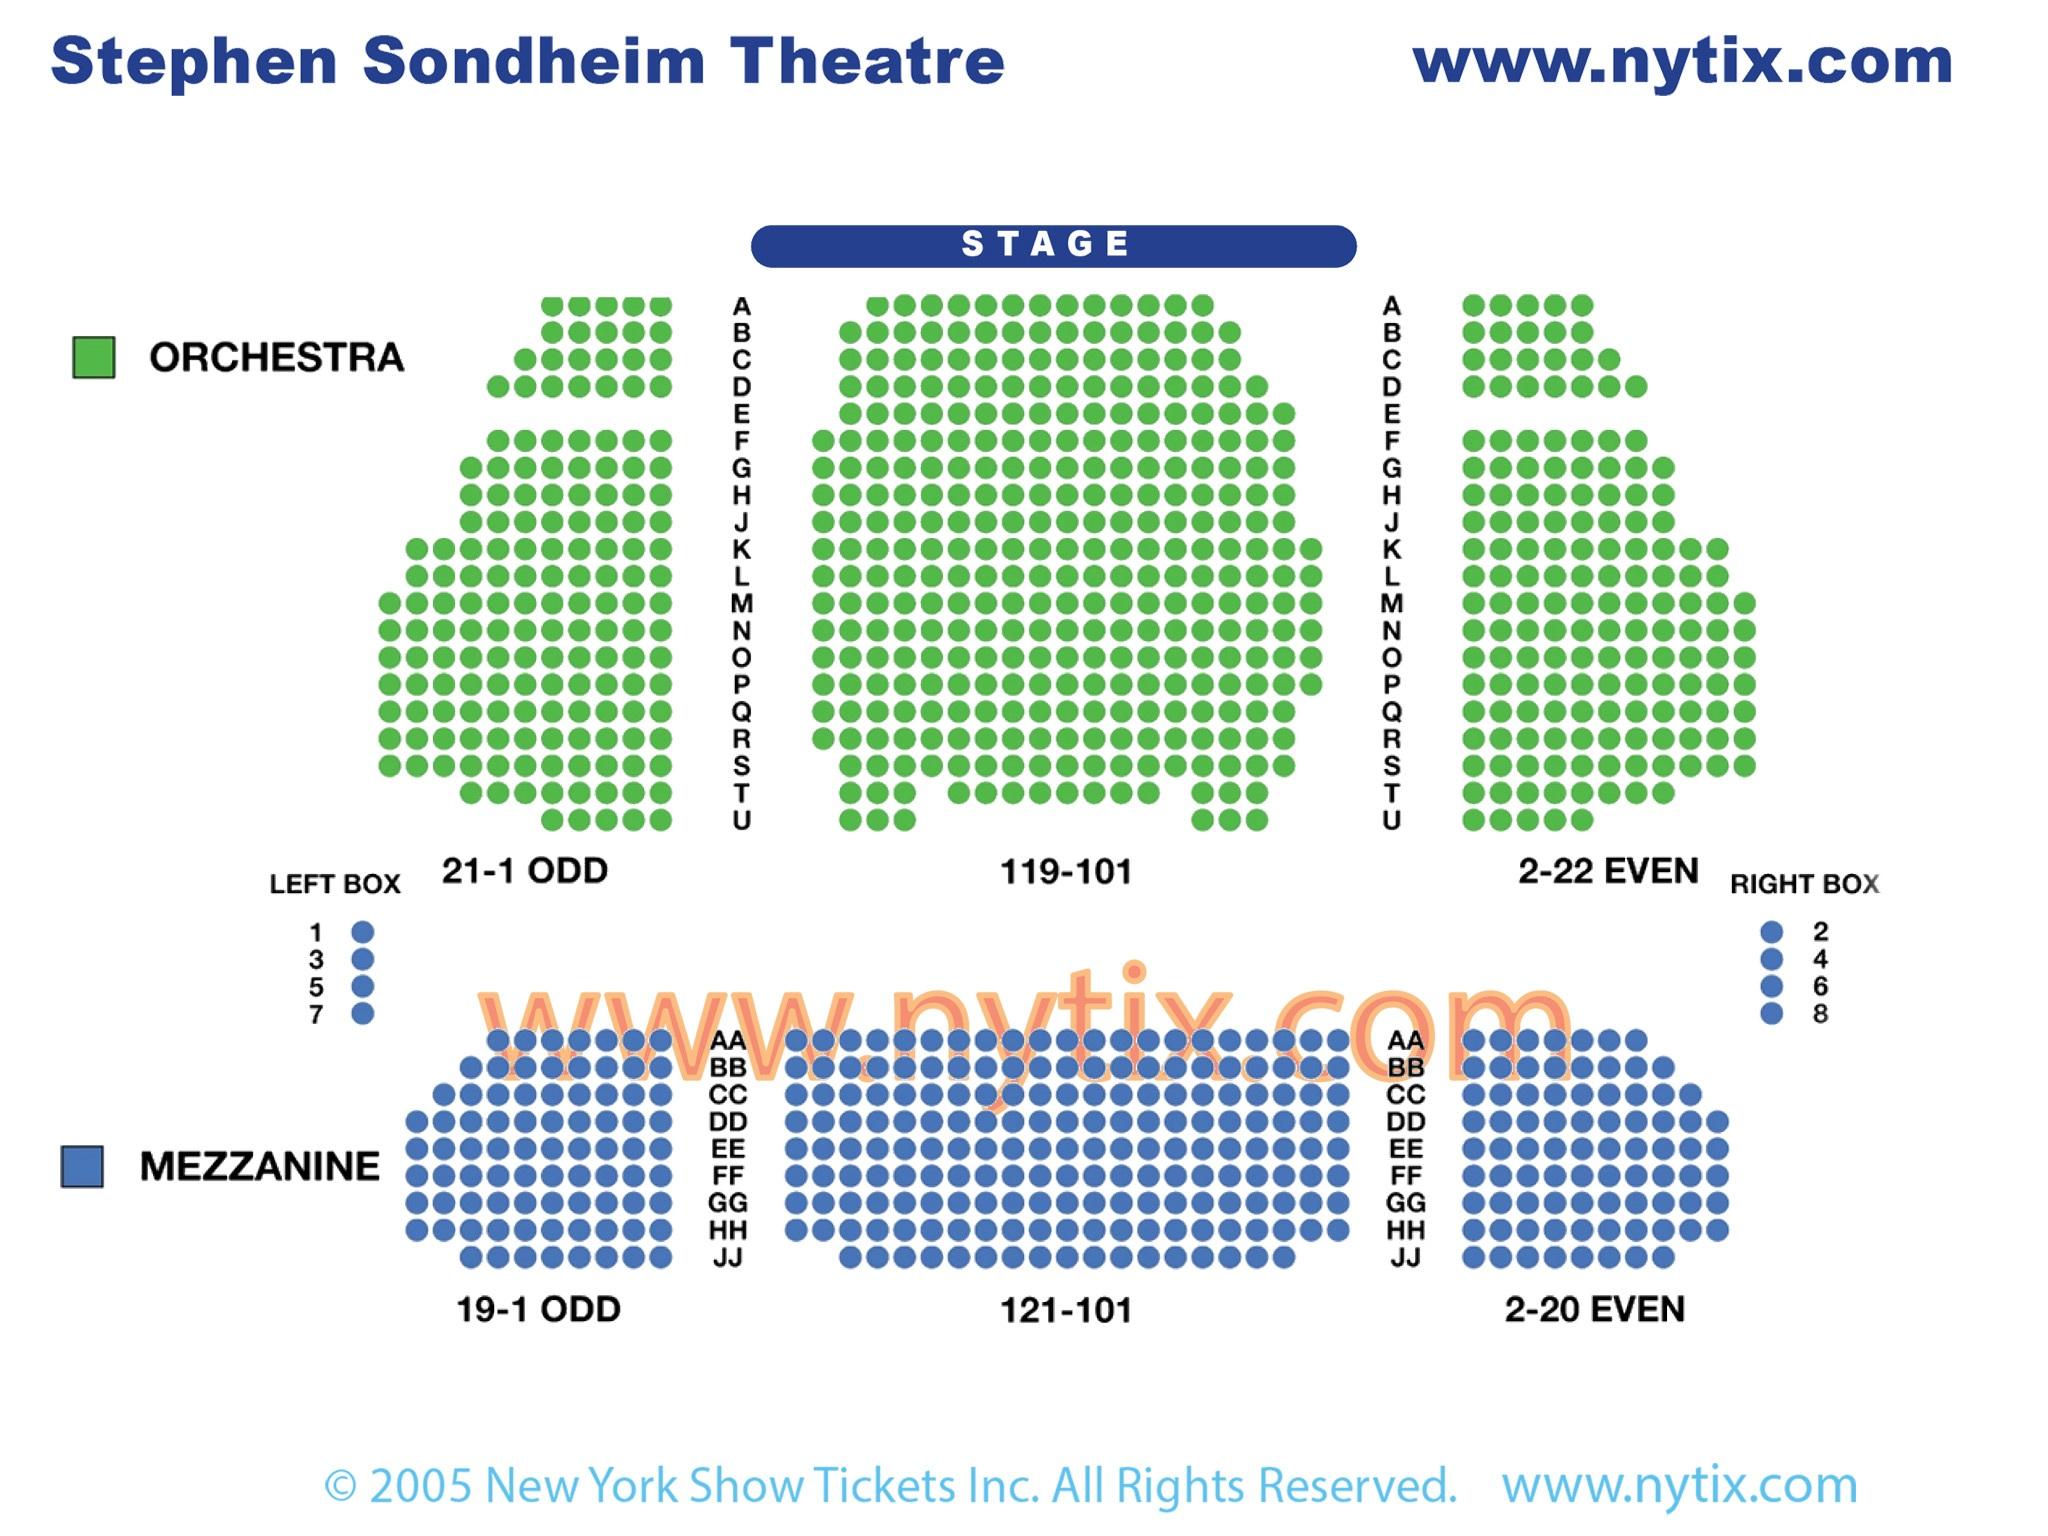 Stephen Sondheim Theatre Seating Chart